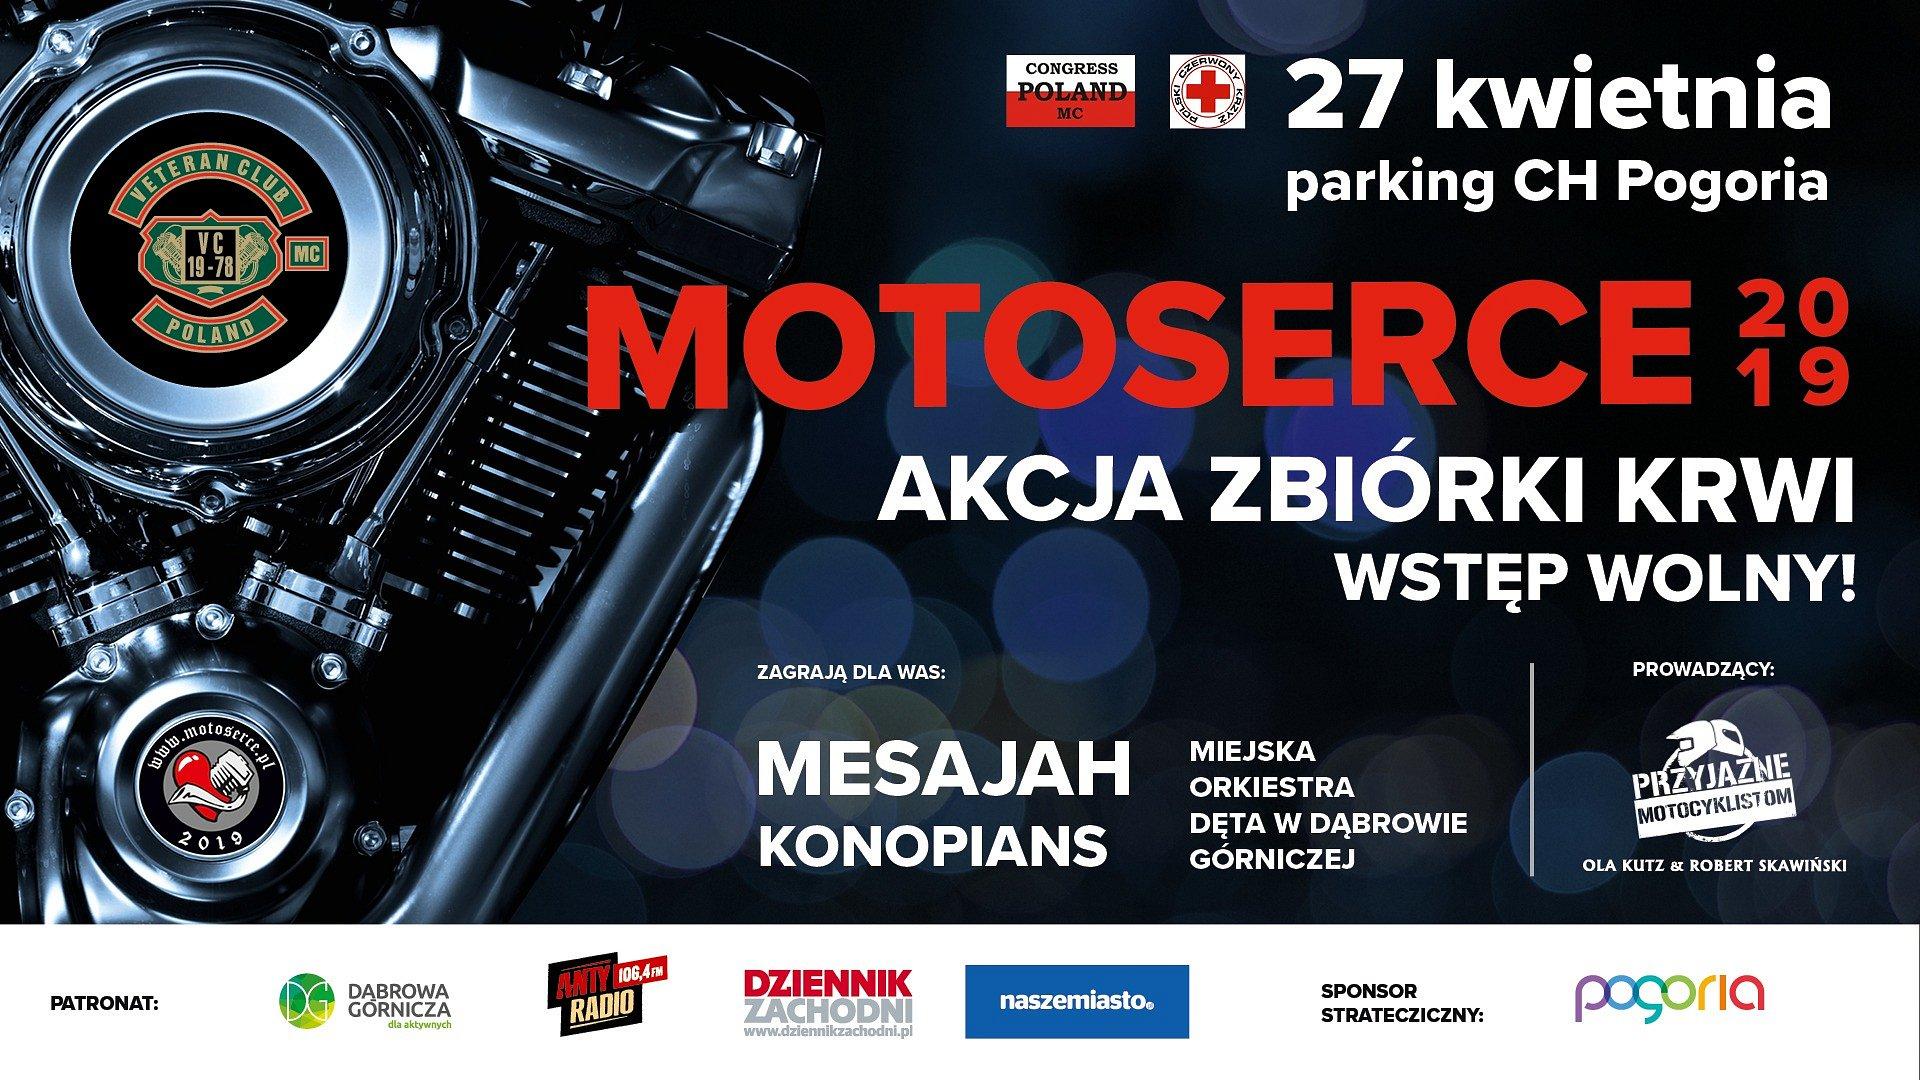 MOTOSERCE 2019: Dąbrowski finał ogólnopolskiej akcji w CH Pogoria